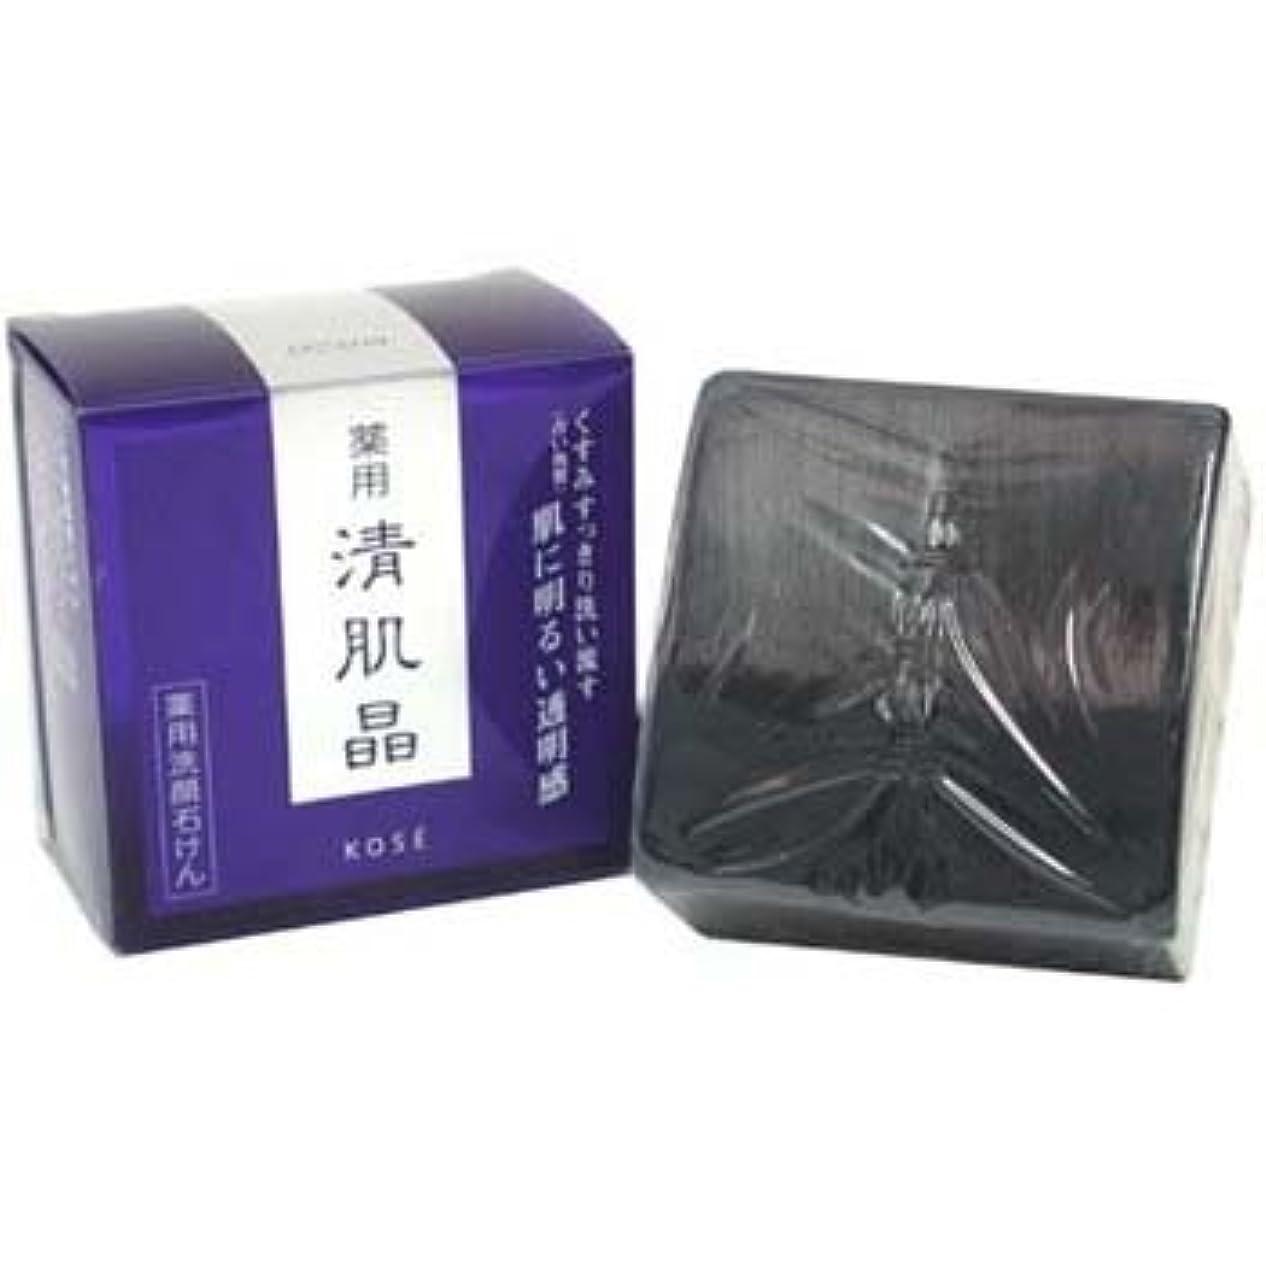 ランドマーク下品封筒コーセー 薬用清肌晶 ソープ(リフィル) 120g [並行輸入品][海外直送品]